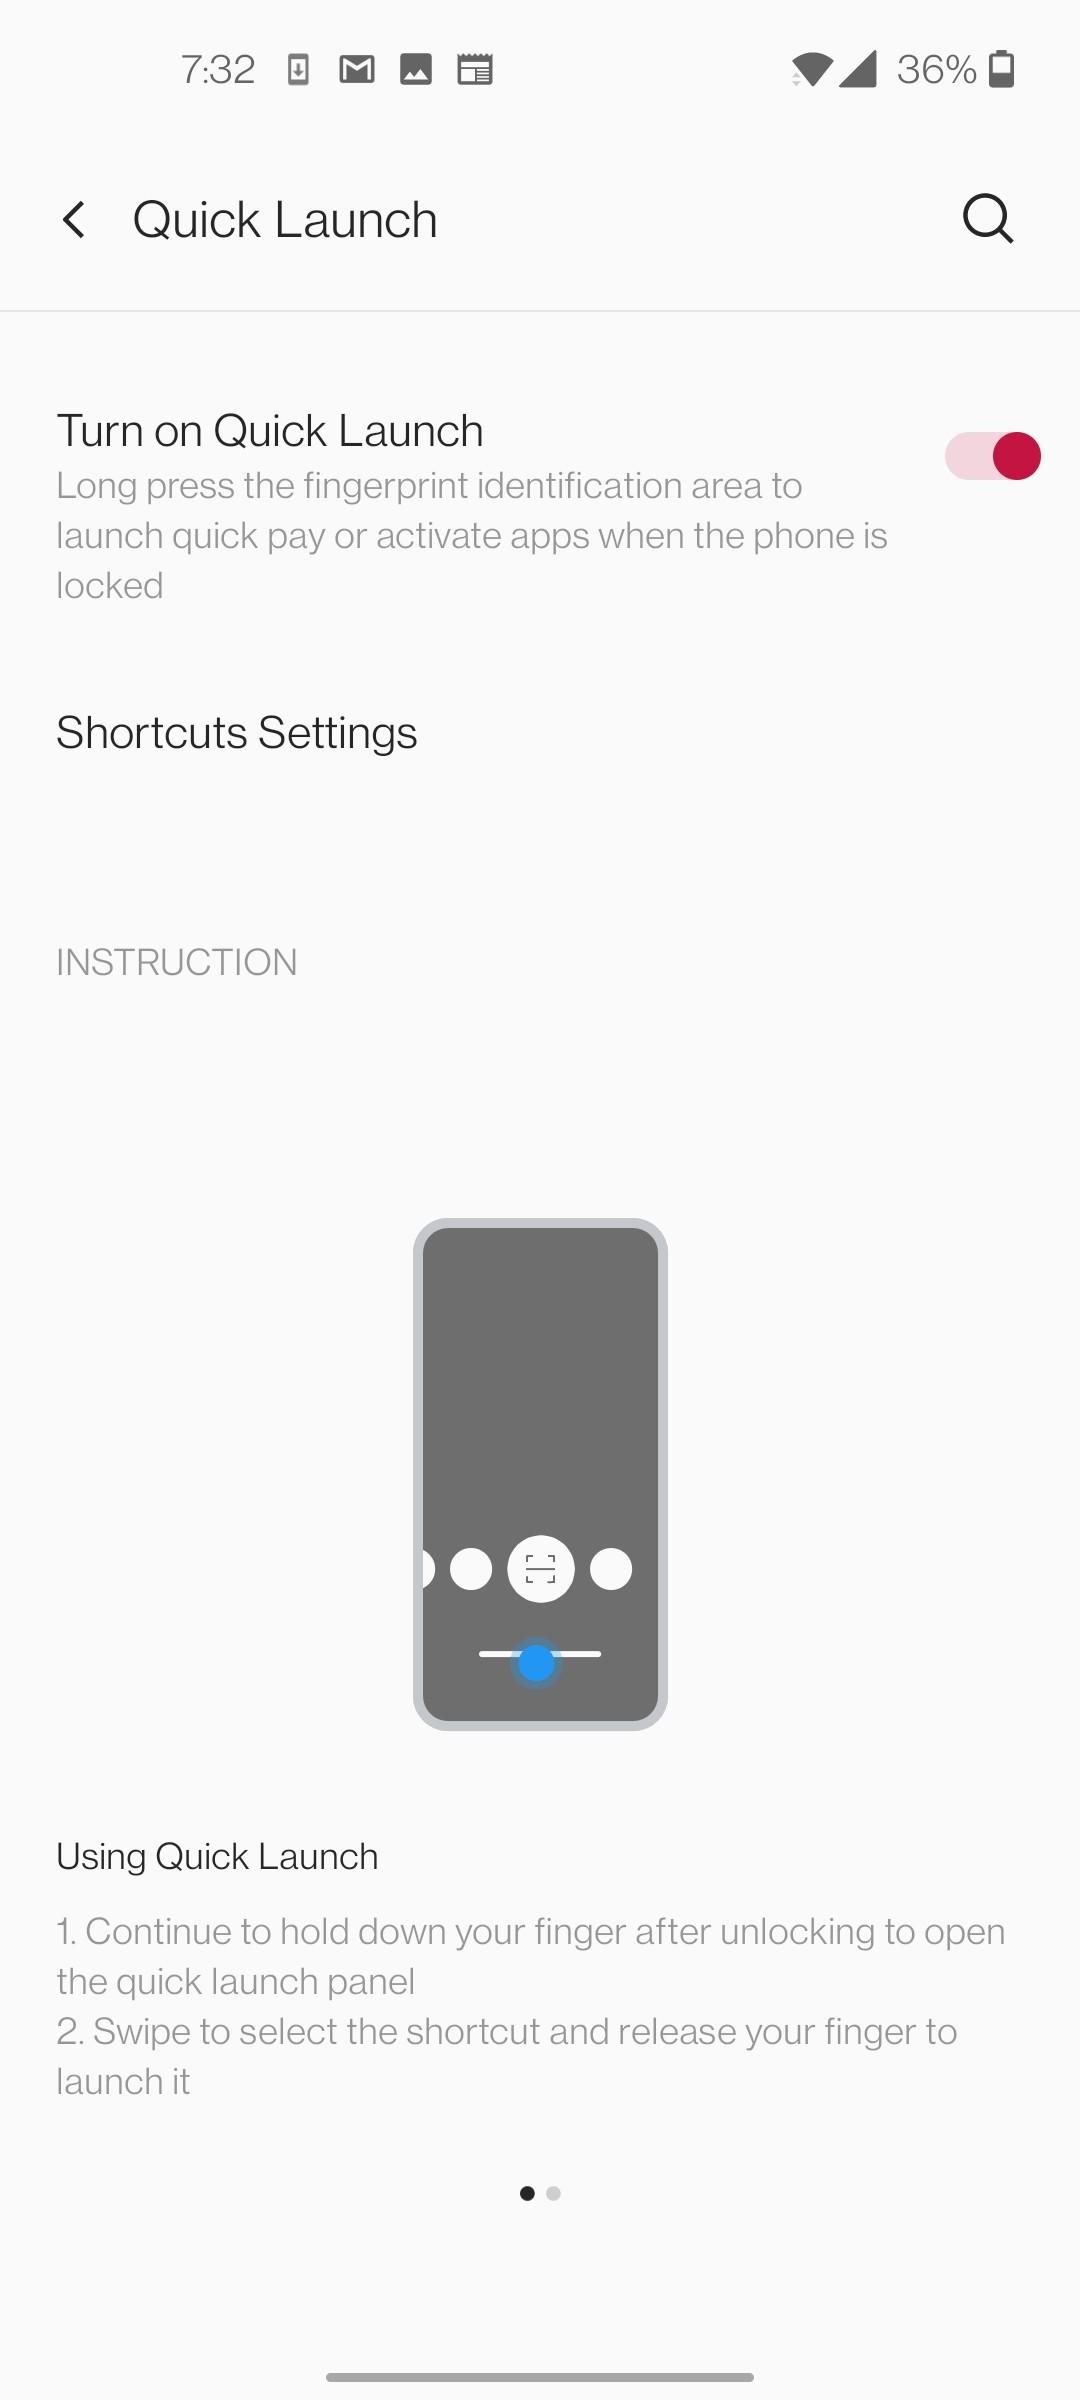 بررسی کامل و تخصصی گوشی وان پلاس 8 تی: حرکت رو موج تکرار با کمی نوآوری